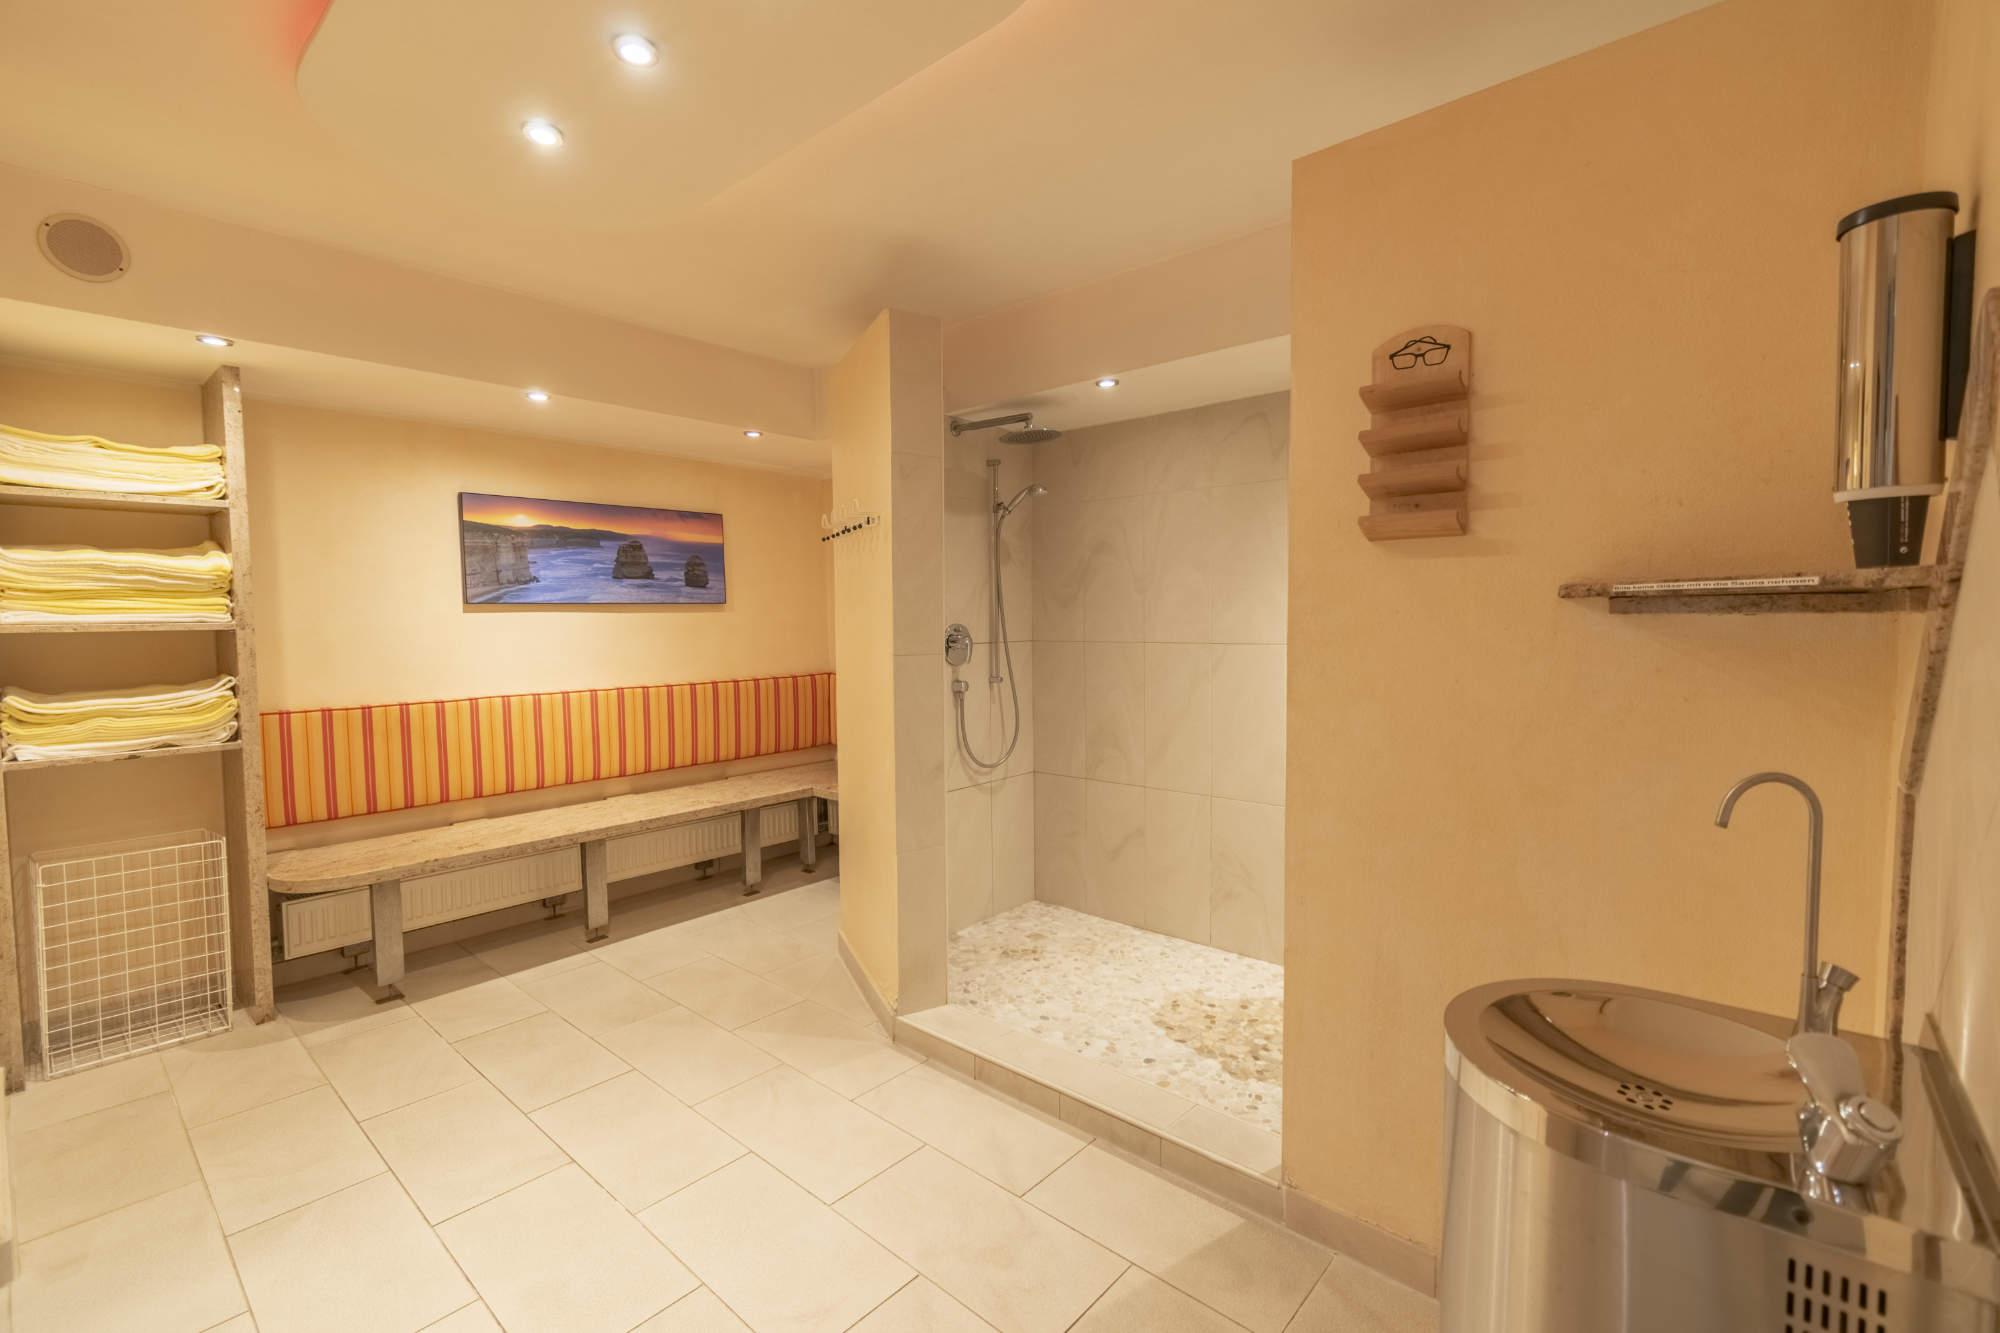 Vorbereich vor der Sauna mit Duschen